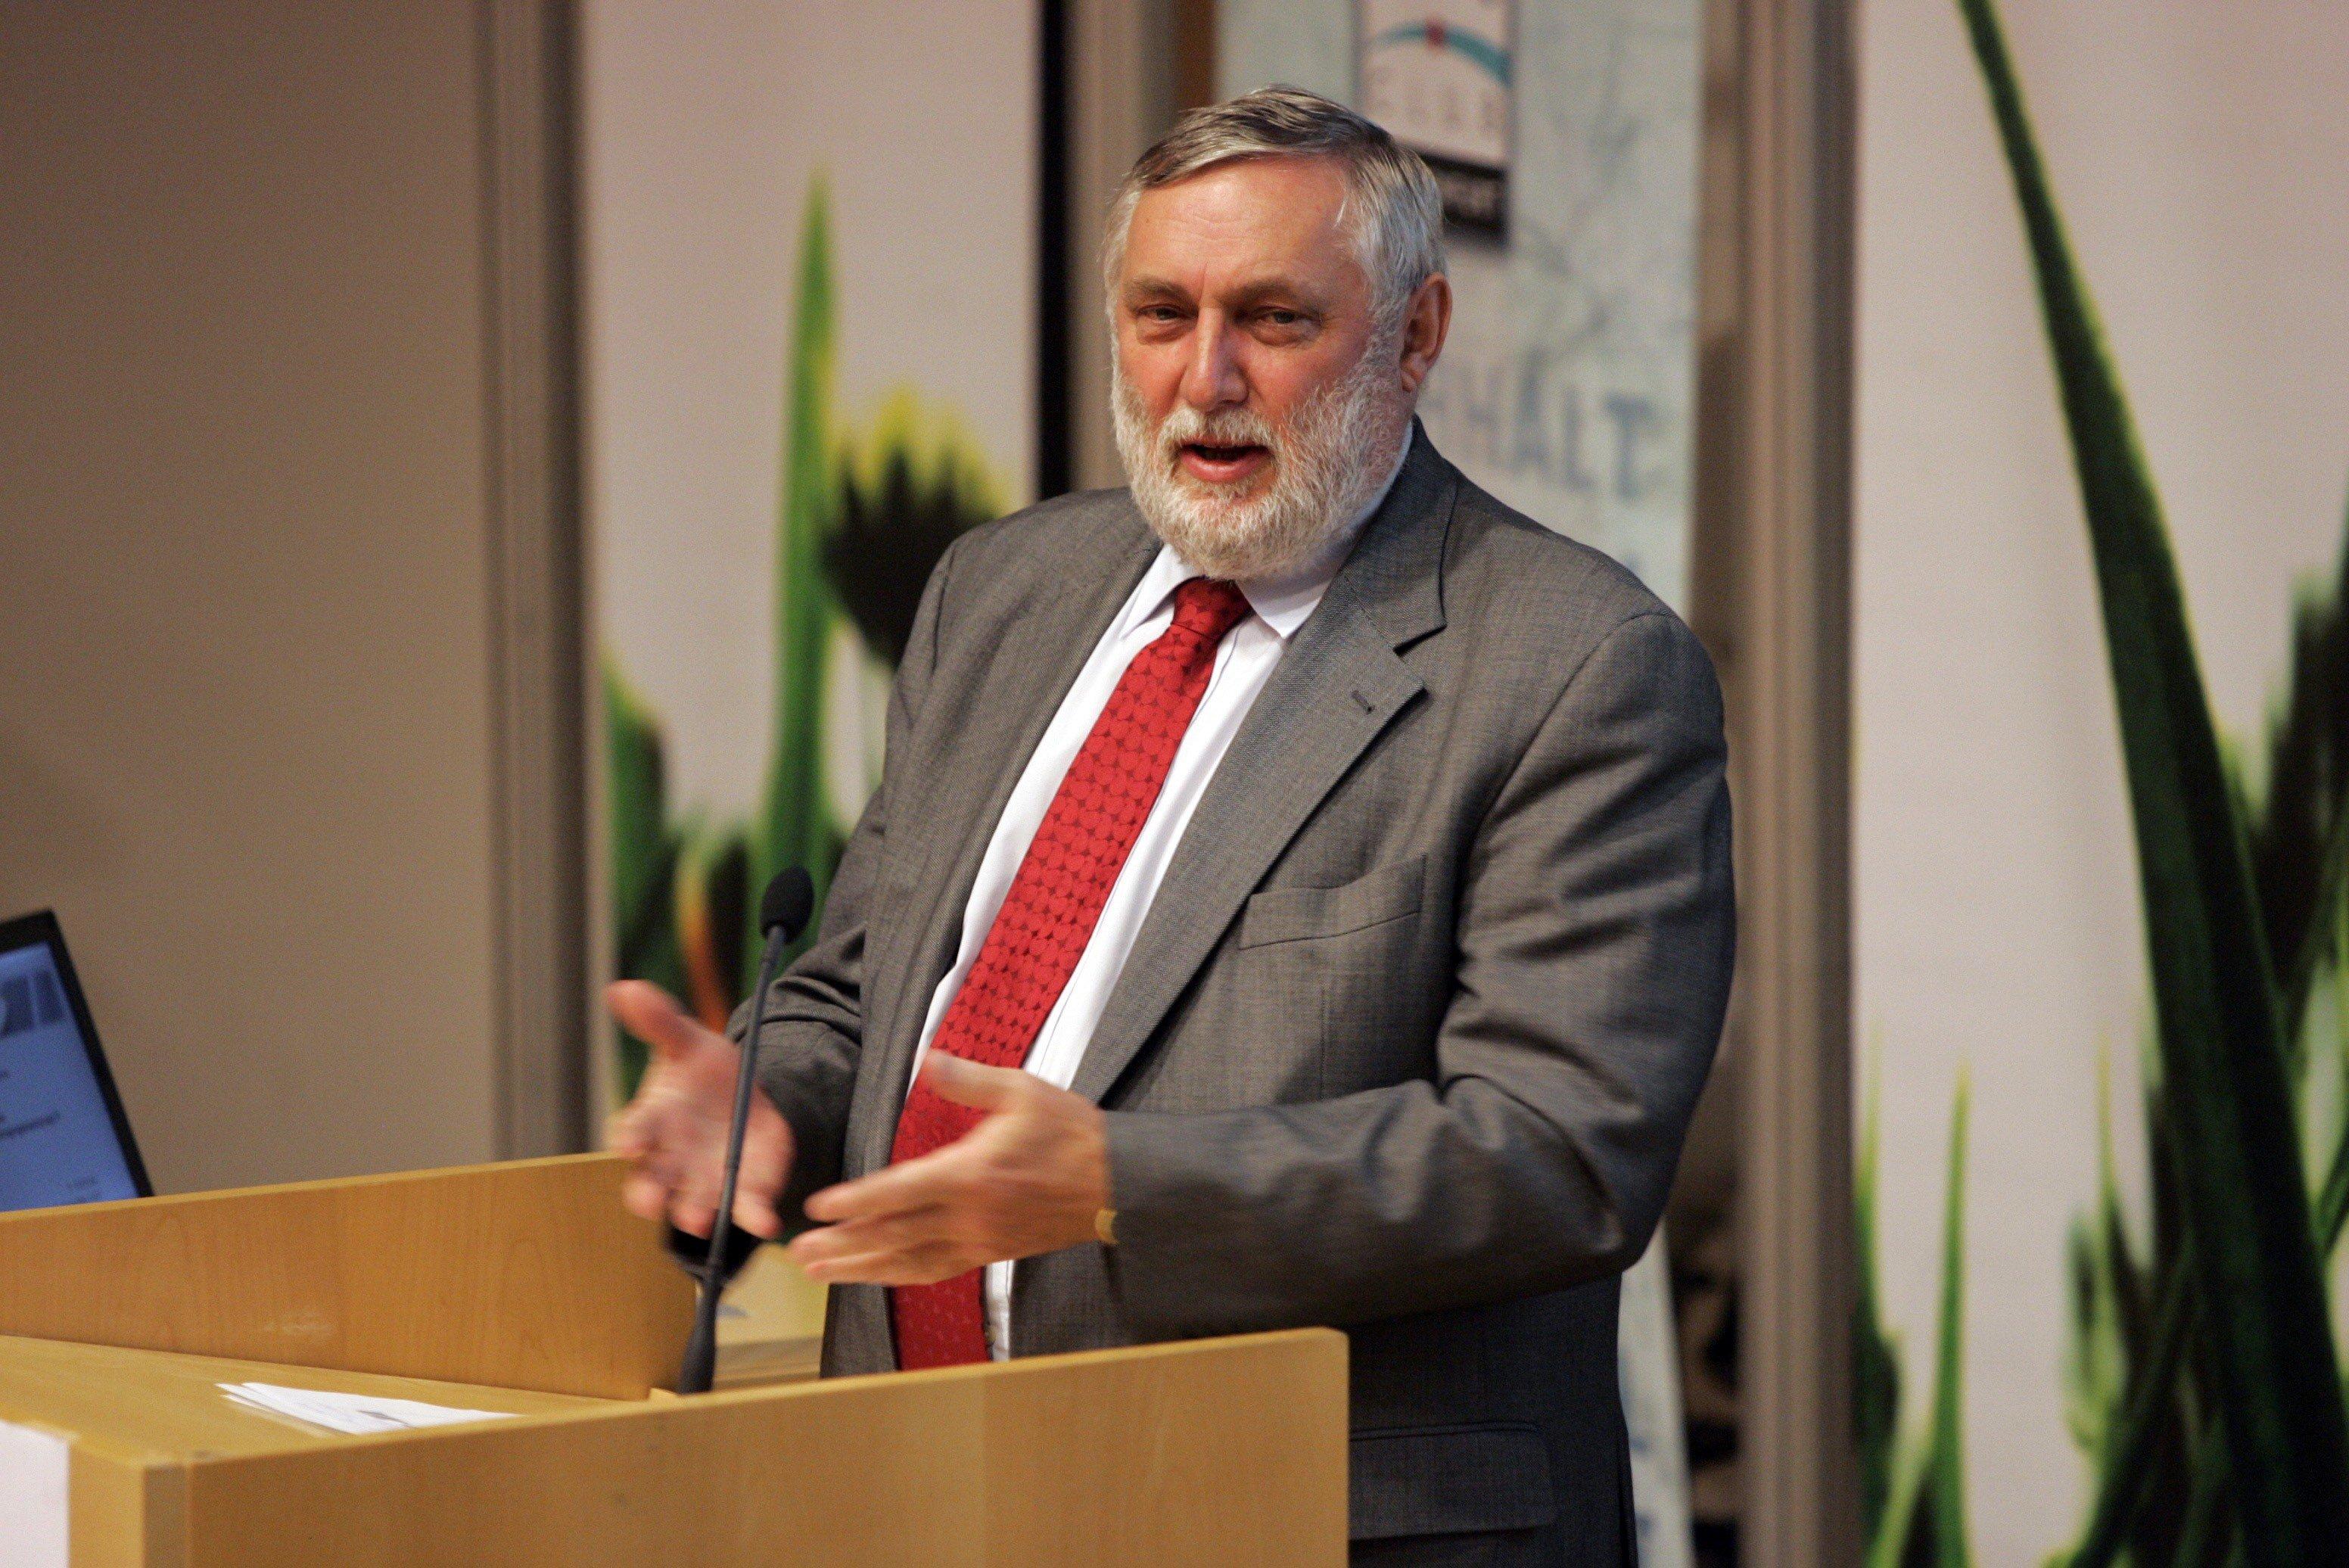 European Forum Alpbach's President Franz Fischler To Visit Kosovo